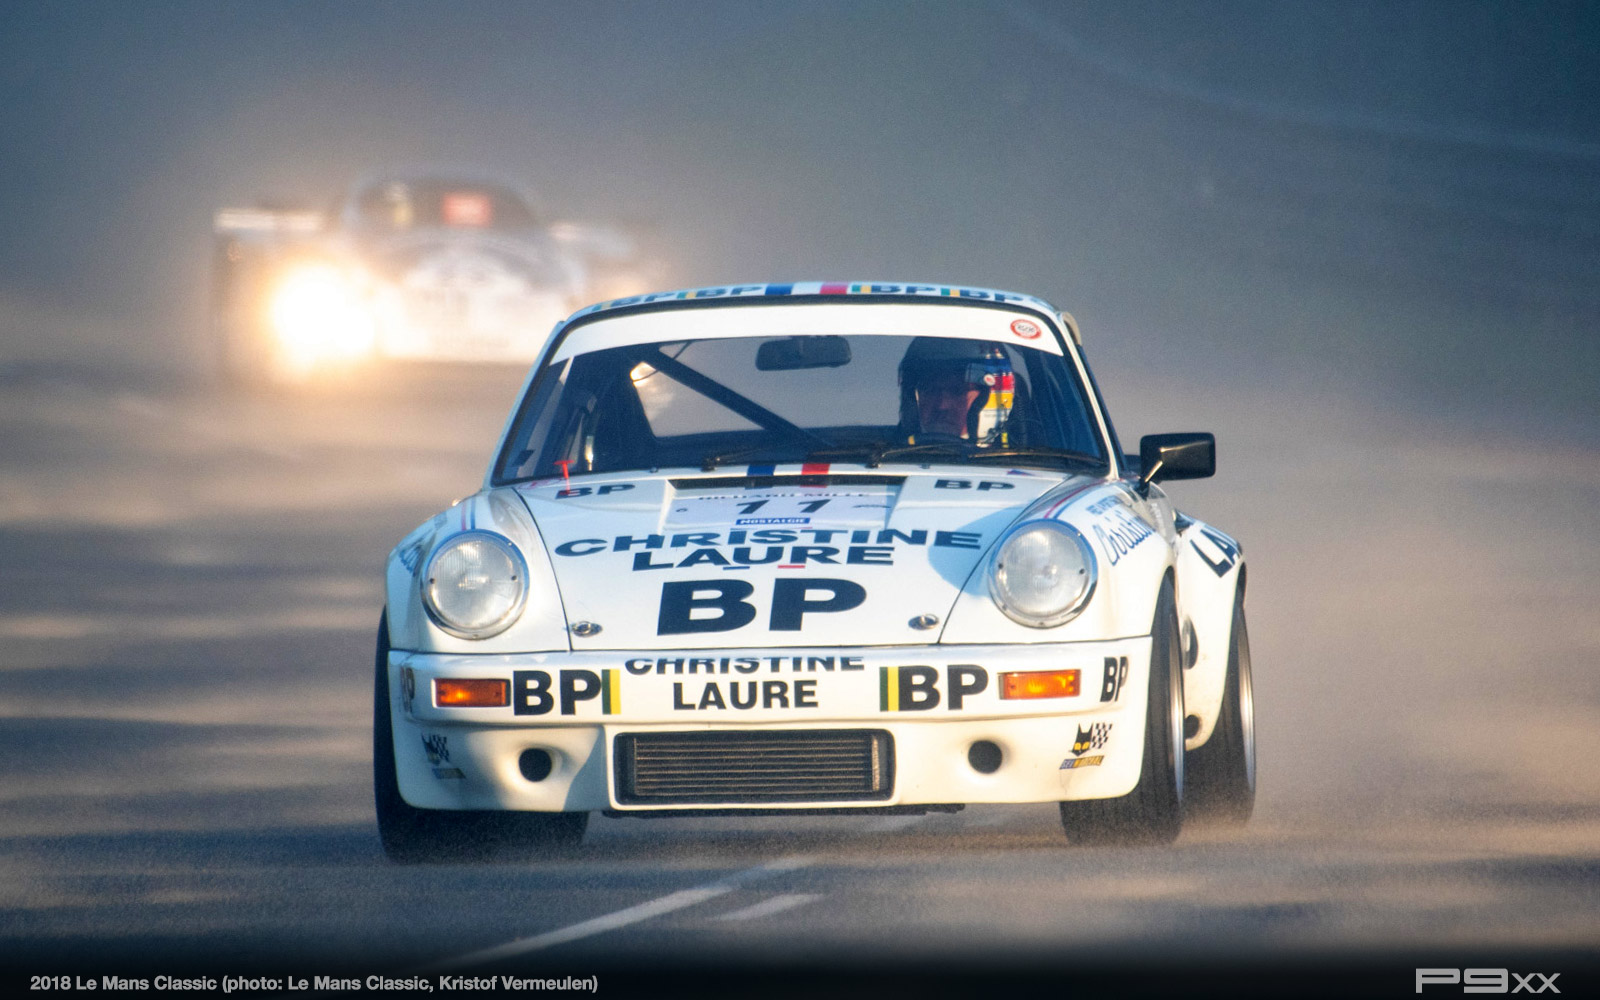 2018-Le-Mans-Classic-Porsche-298